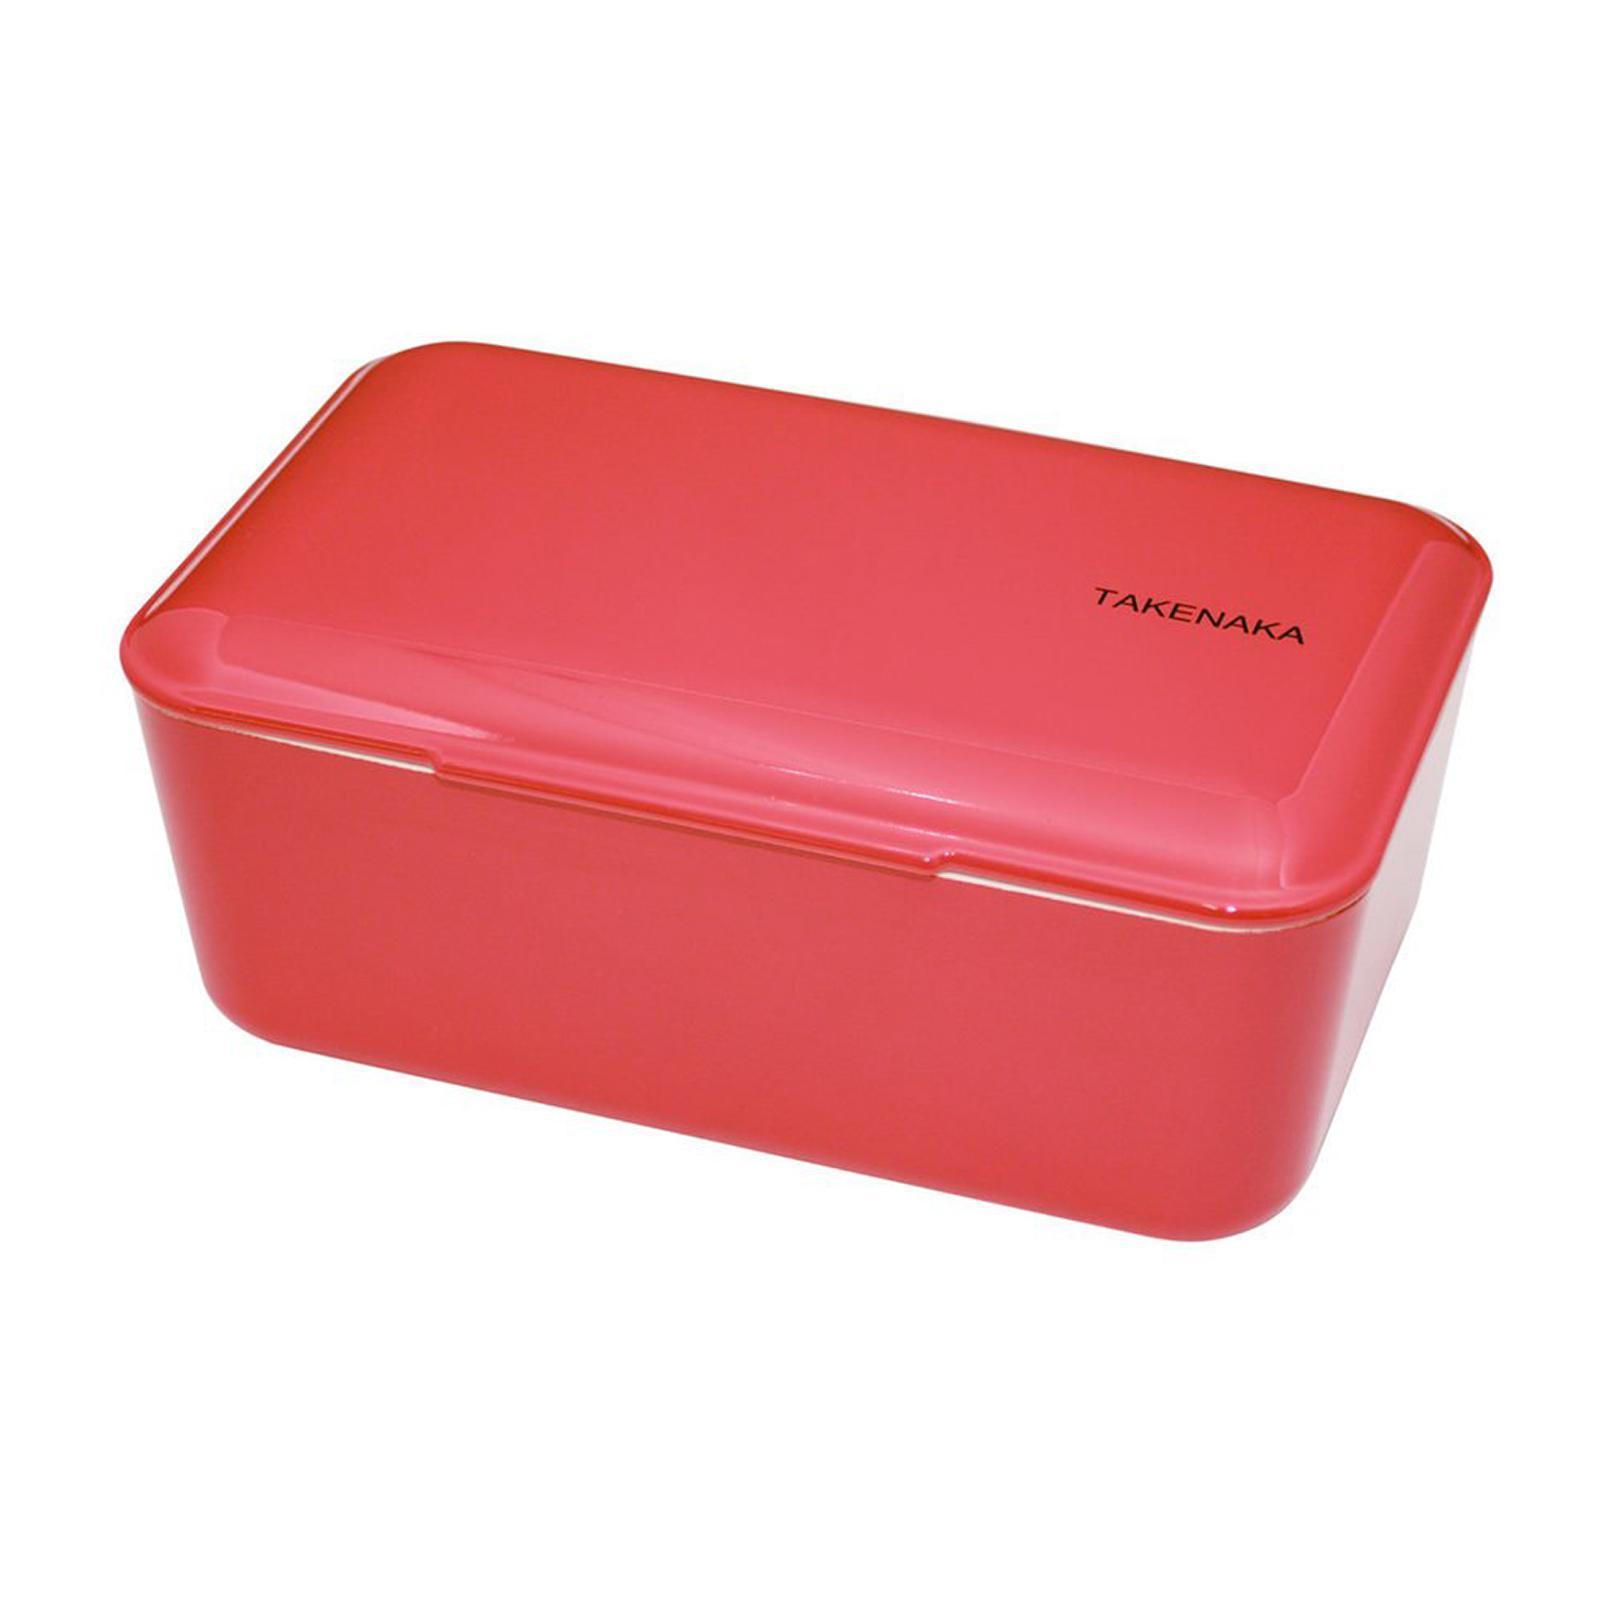 TAKENAKA Expanded Bento Lunch Box - Rose